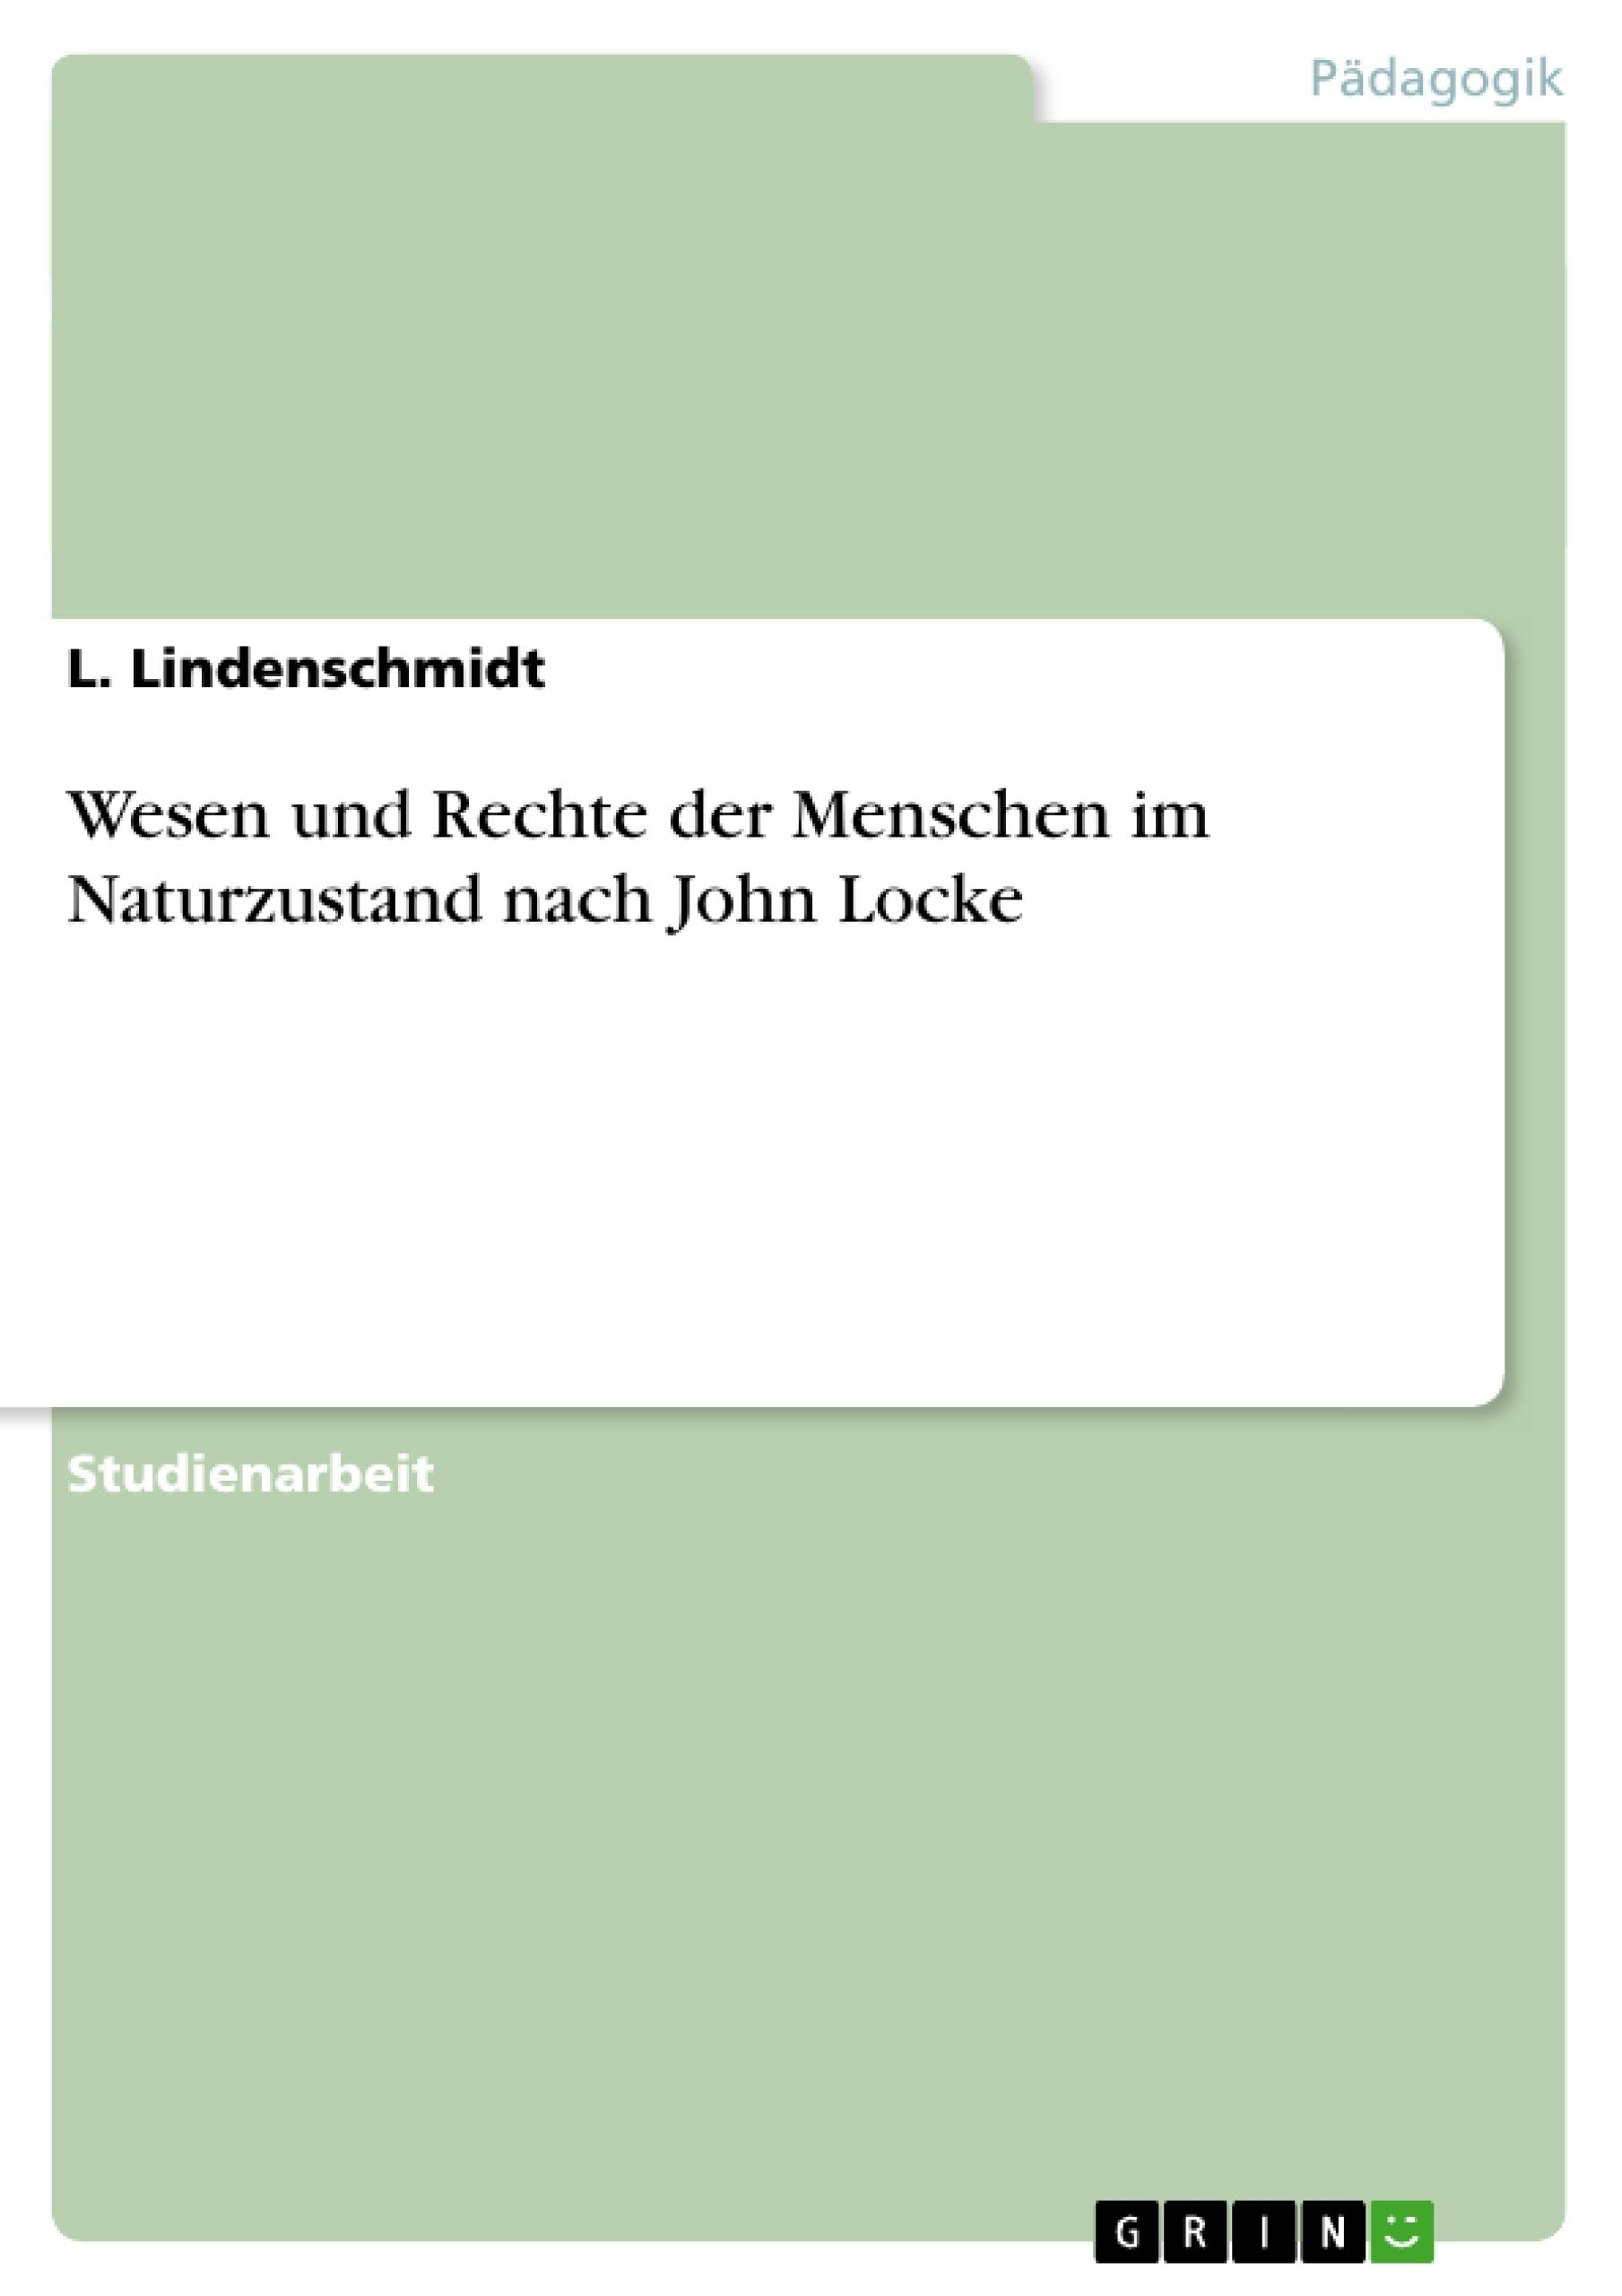 Titel: Wesen und Rechte der Menschen im Naturzustand nach John Locke